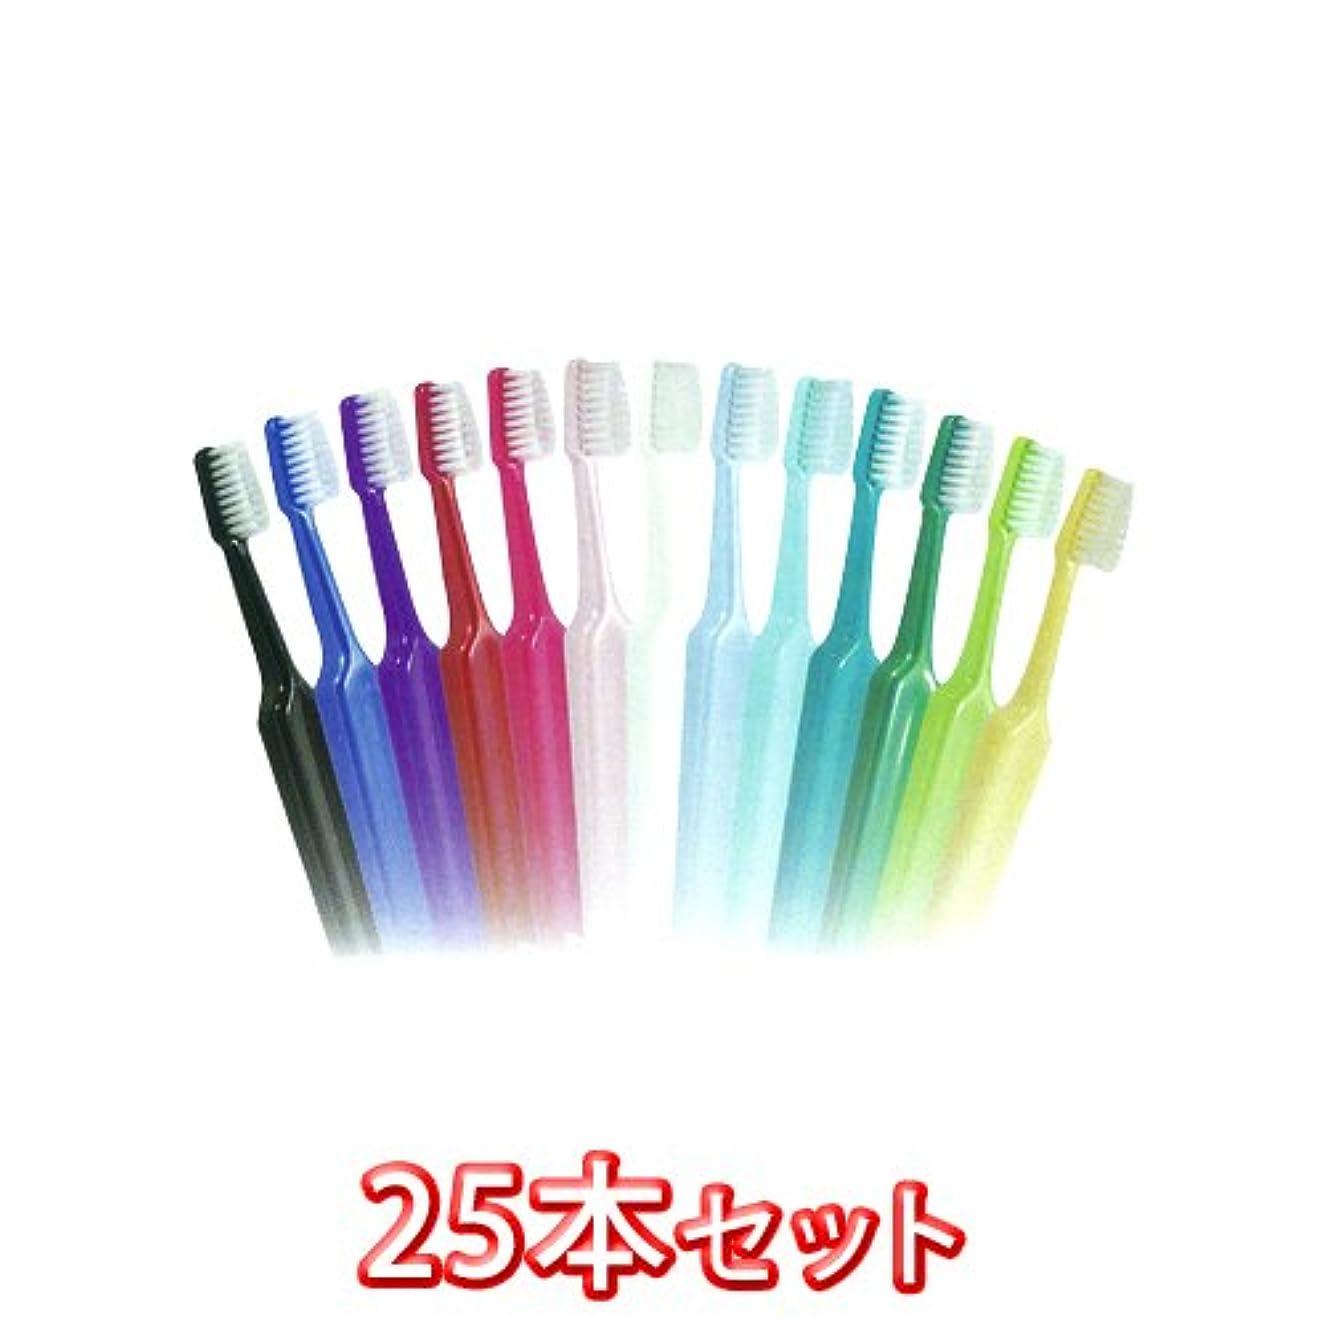 権威魂抑止するTePe (テペ) セレクトミディアム 歯ブラシ 25本入